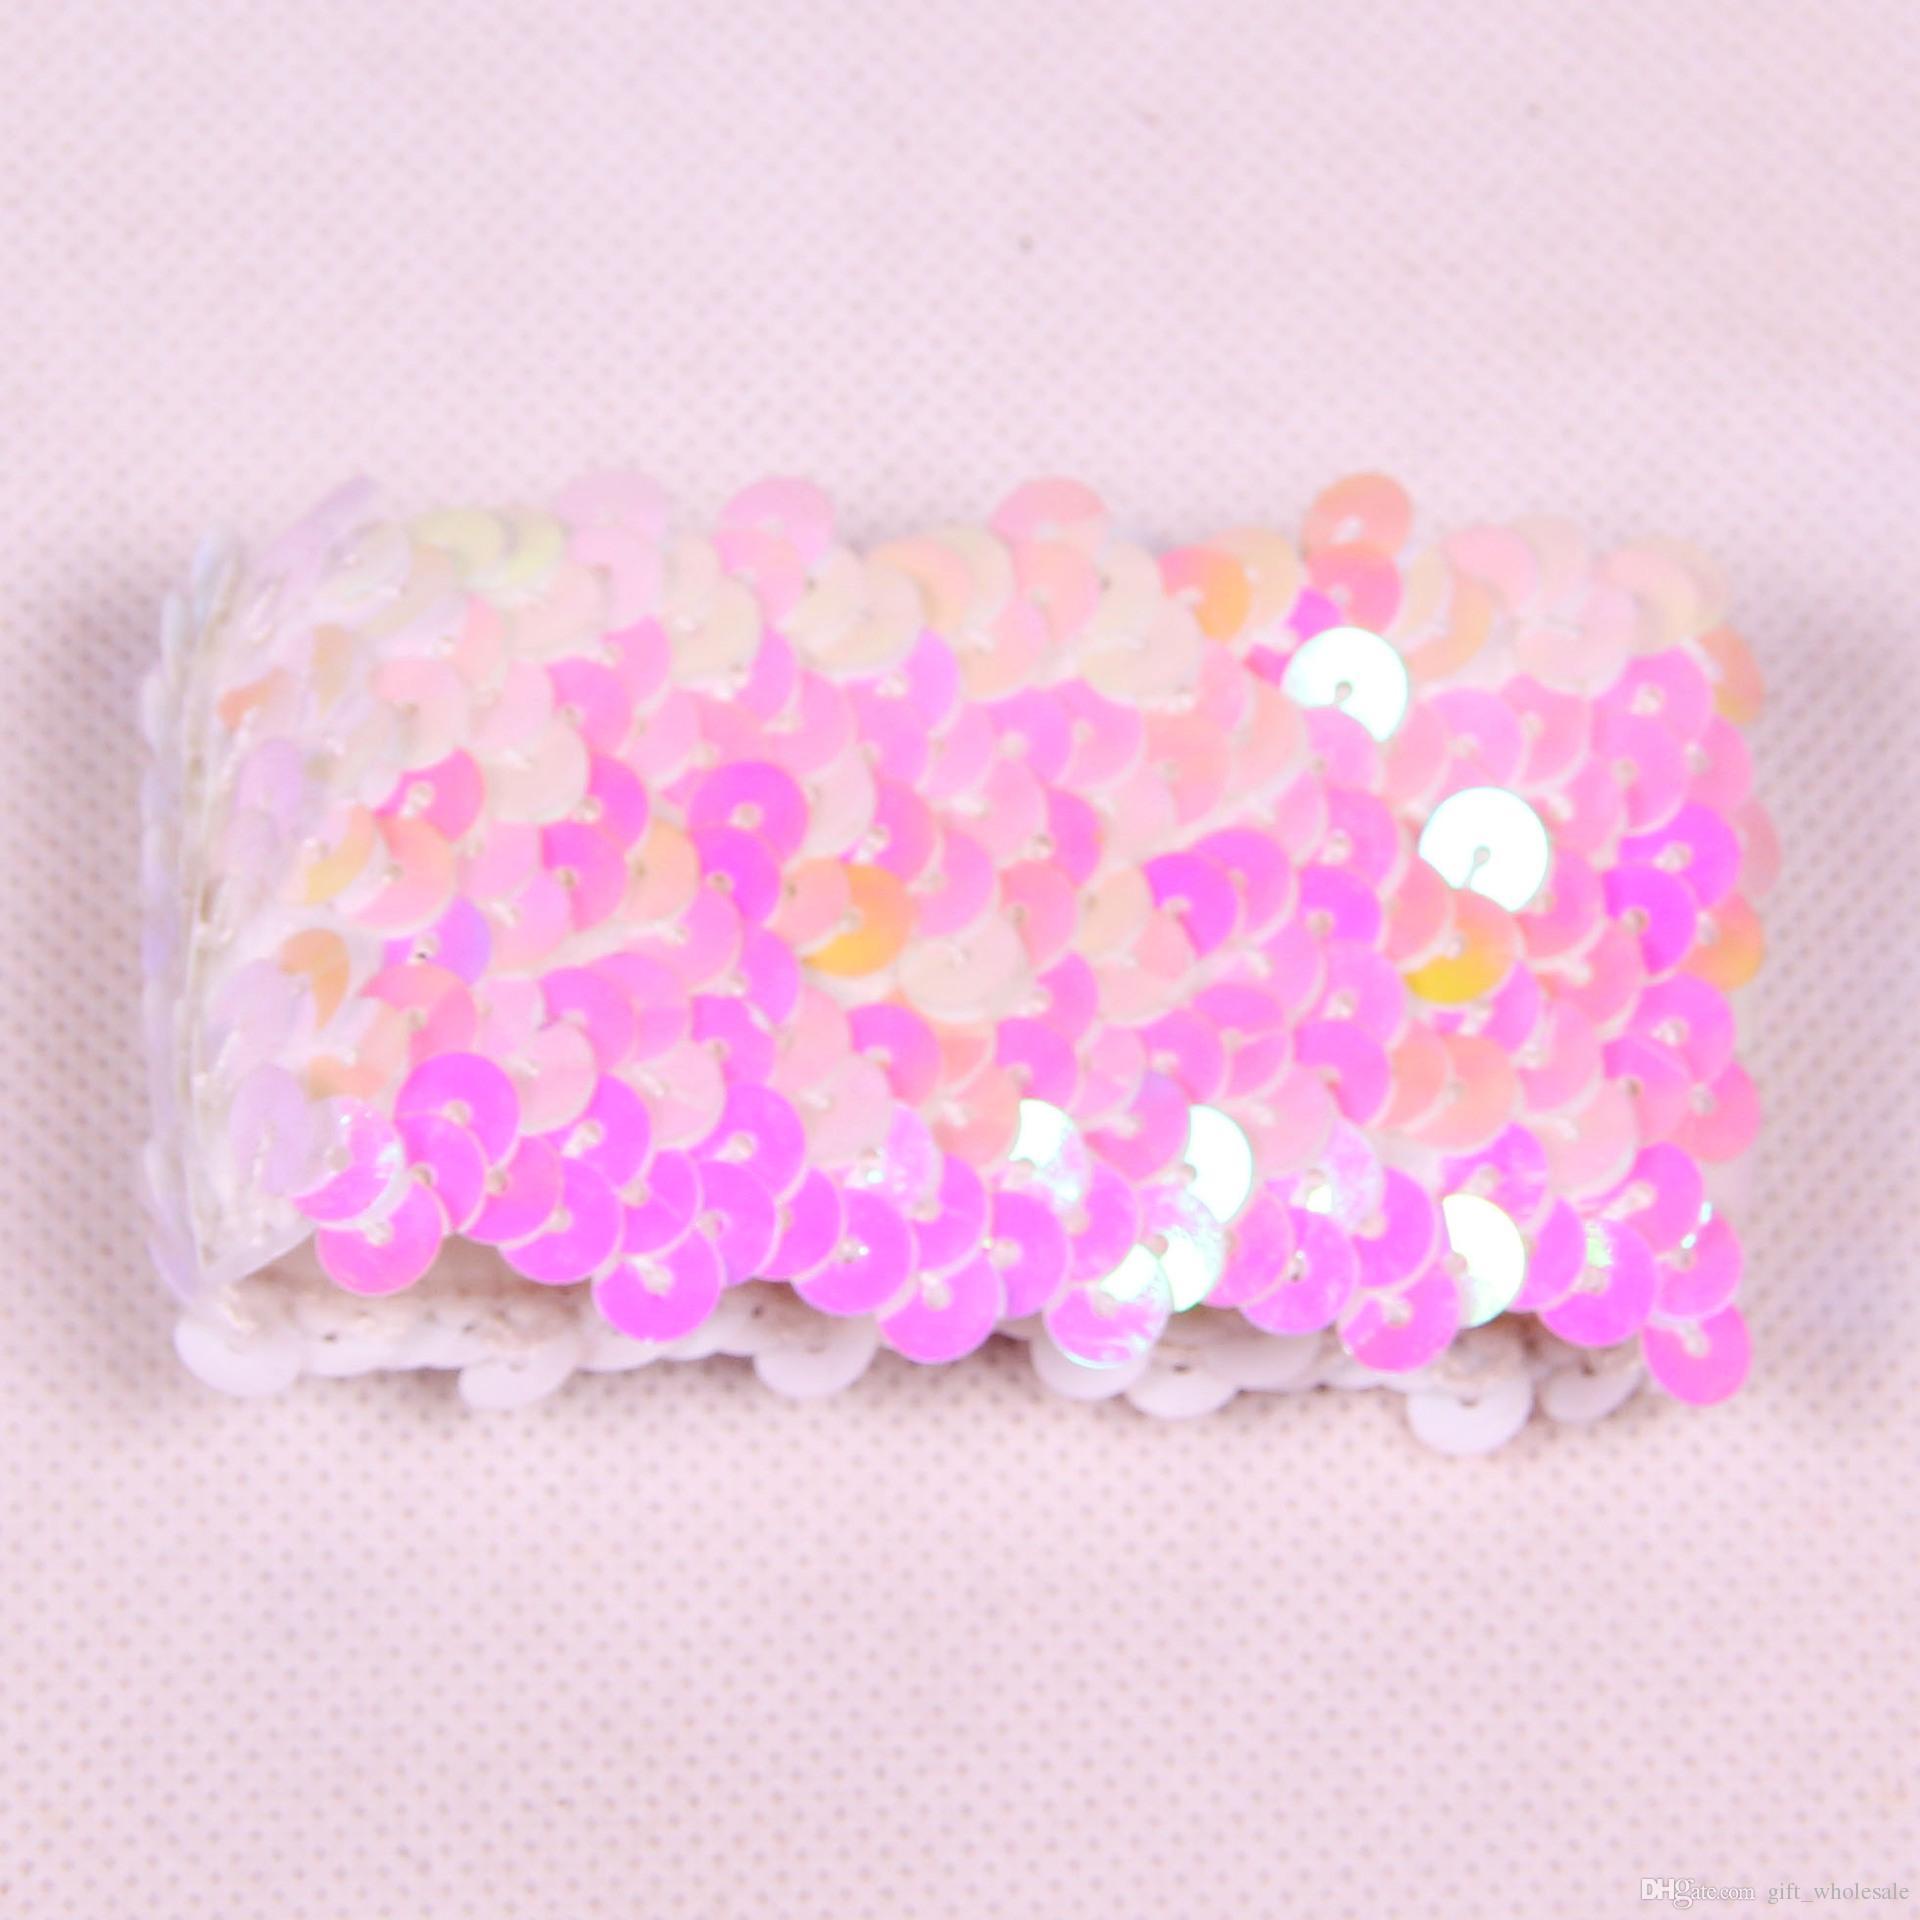 10 cores charme elástico pulseiras diy sereia lantejoula pulseira de glitter jóias bangle festa de casamento presentes de natal